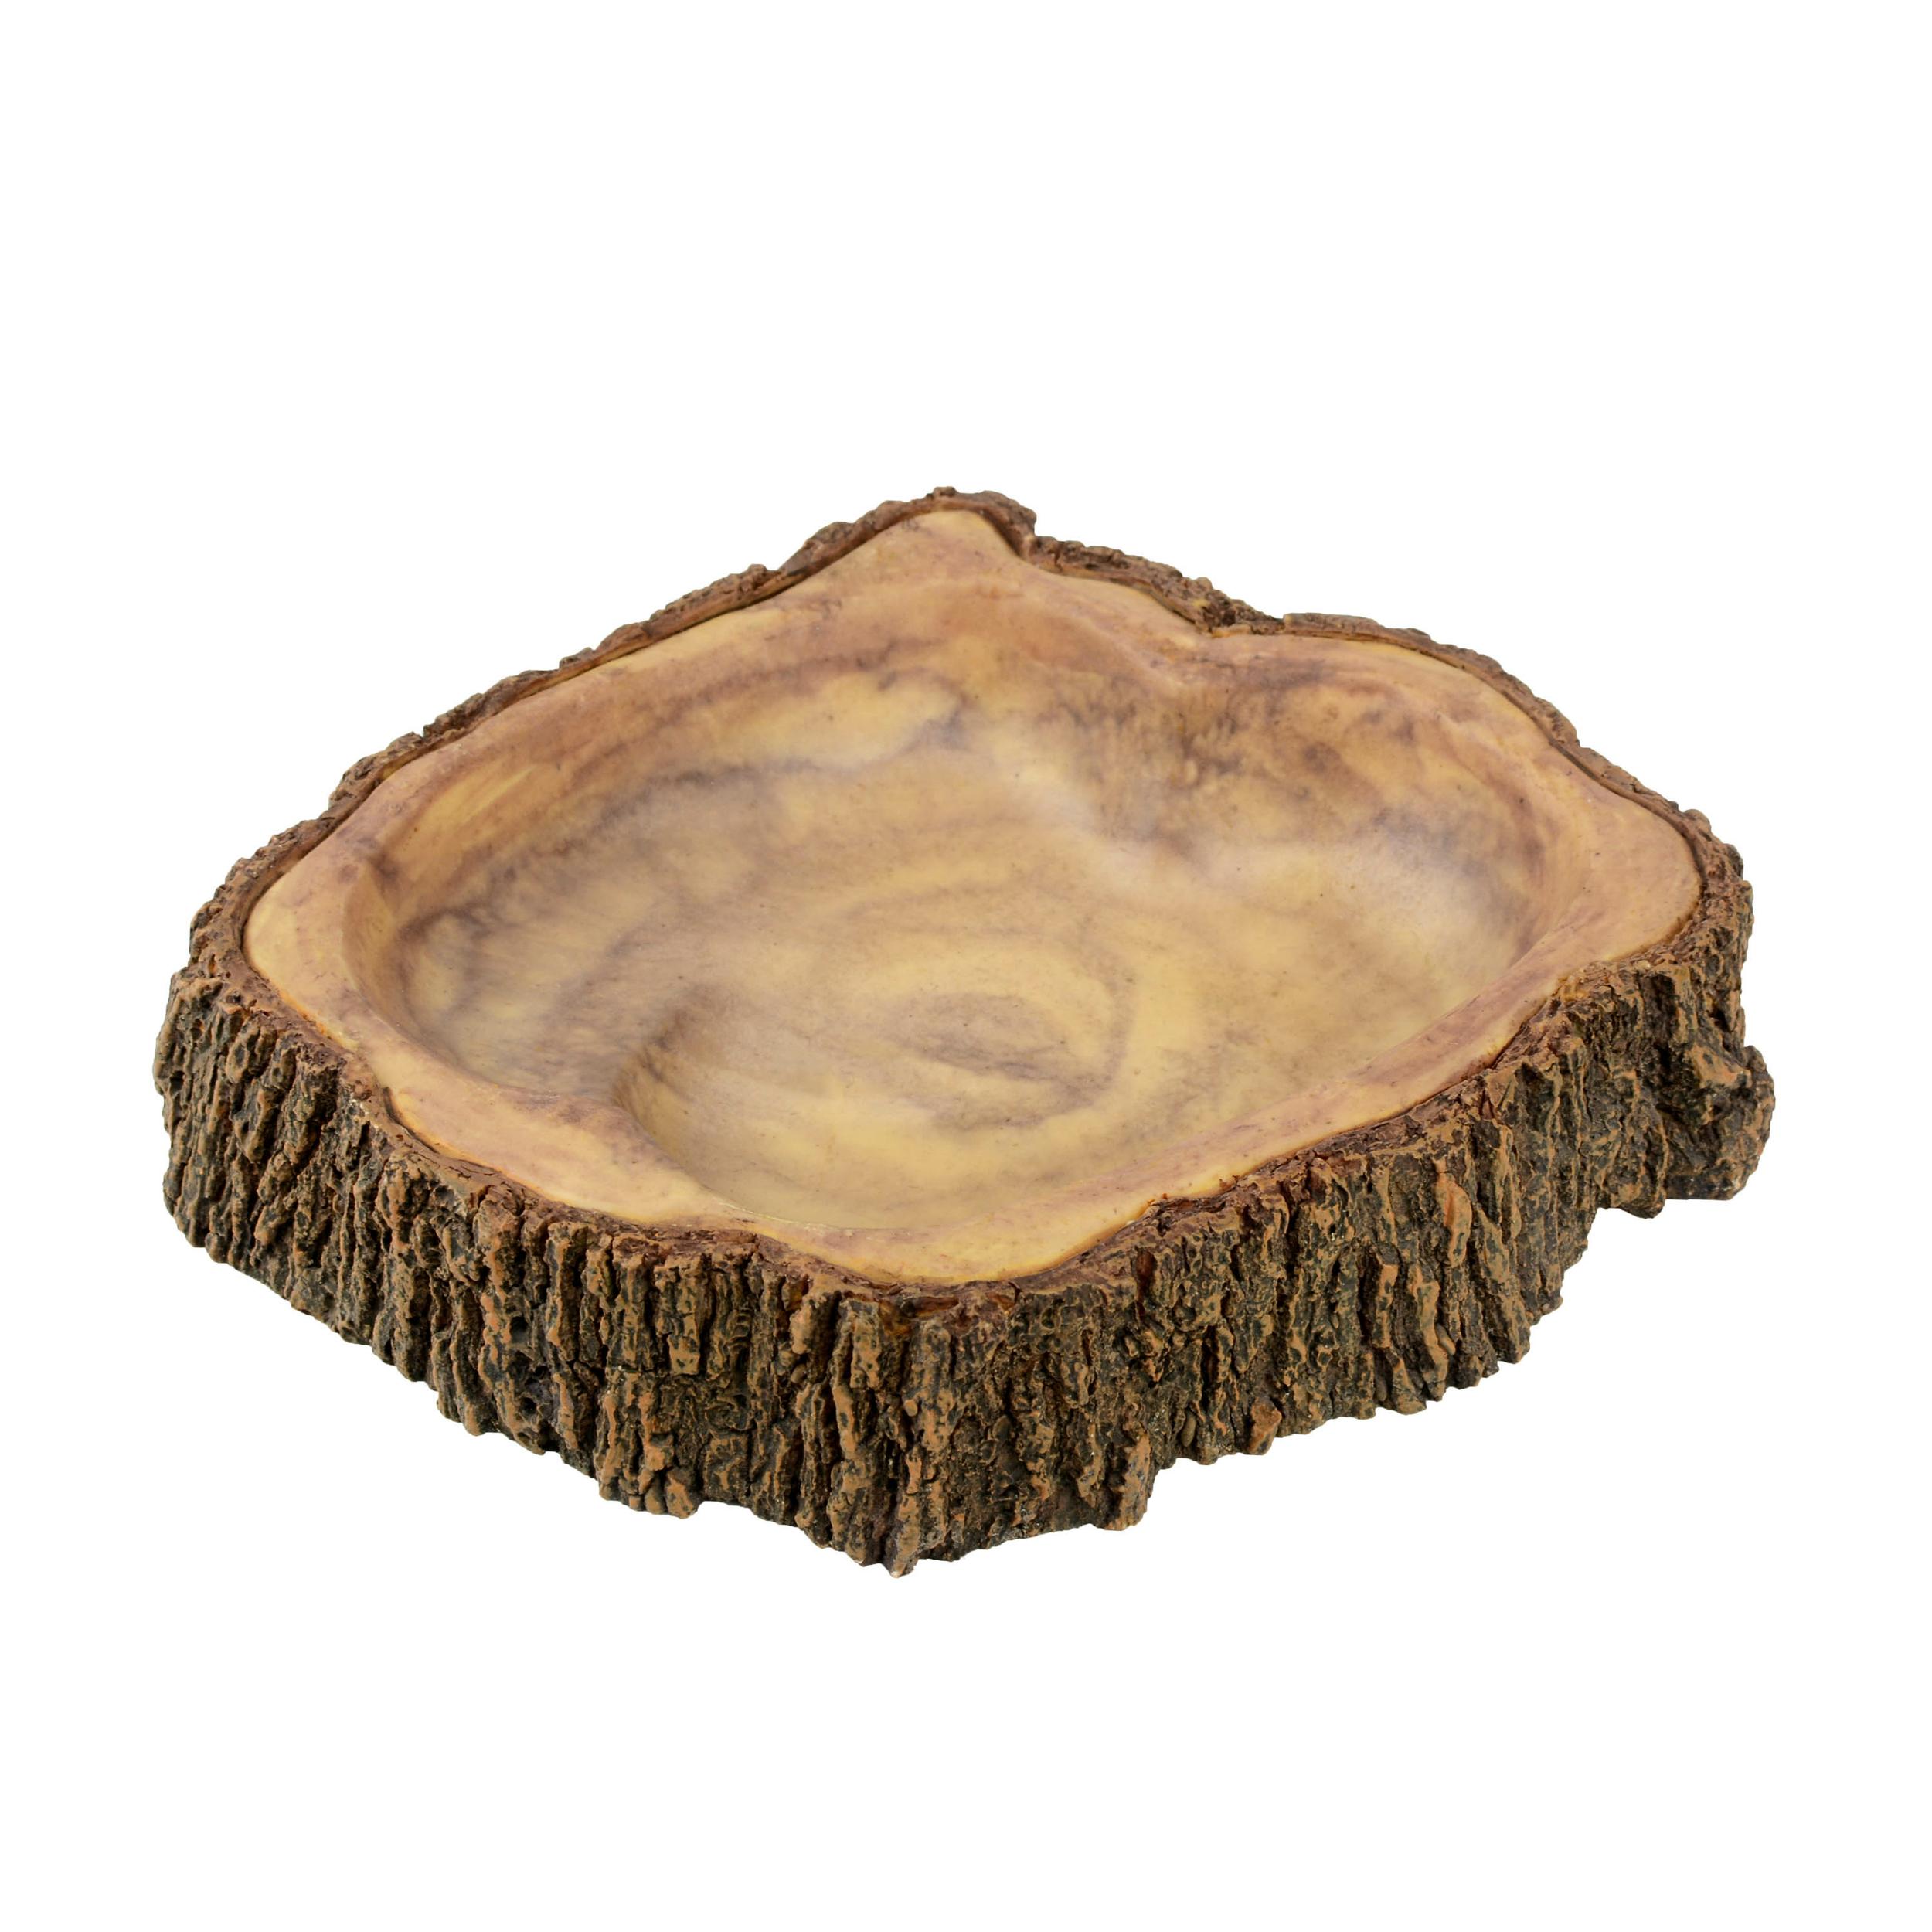 AQUAVIE Terra Abreuvoir Bois pour terrarium 17 x 15,7 x 3,5 cm